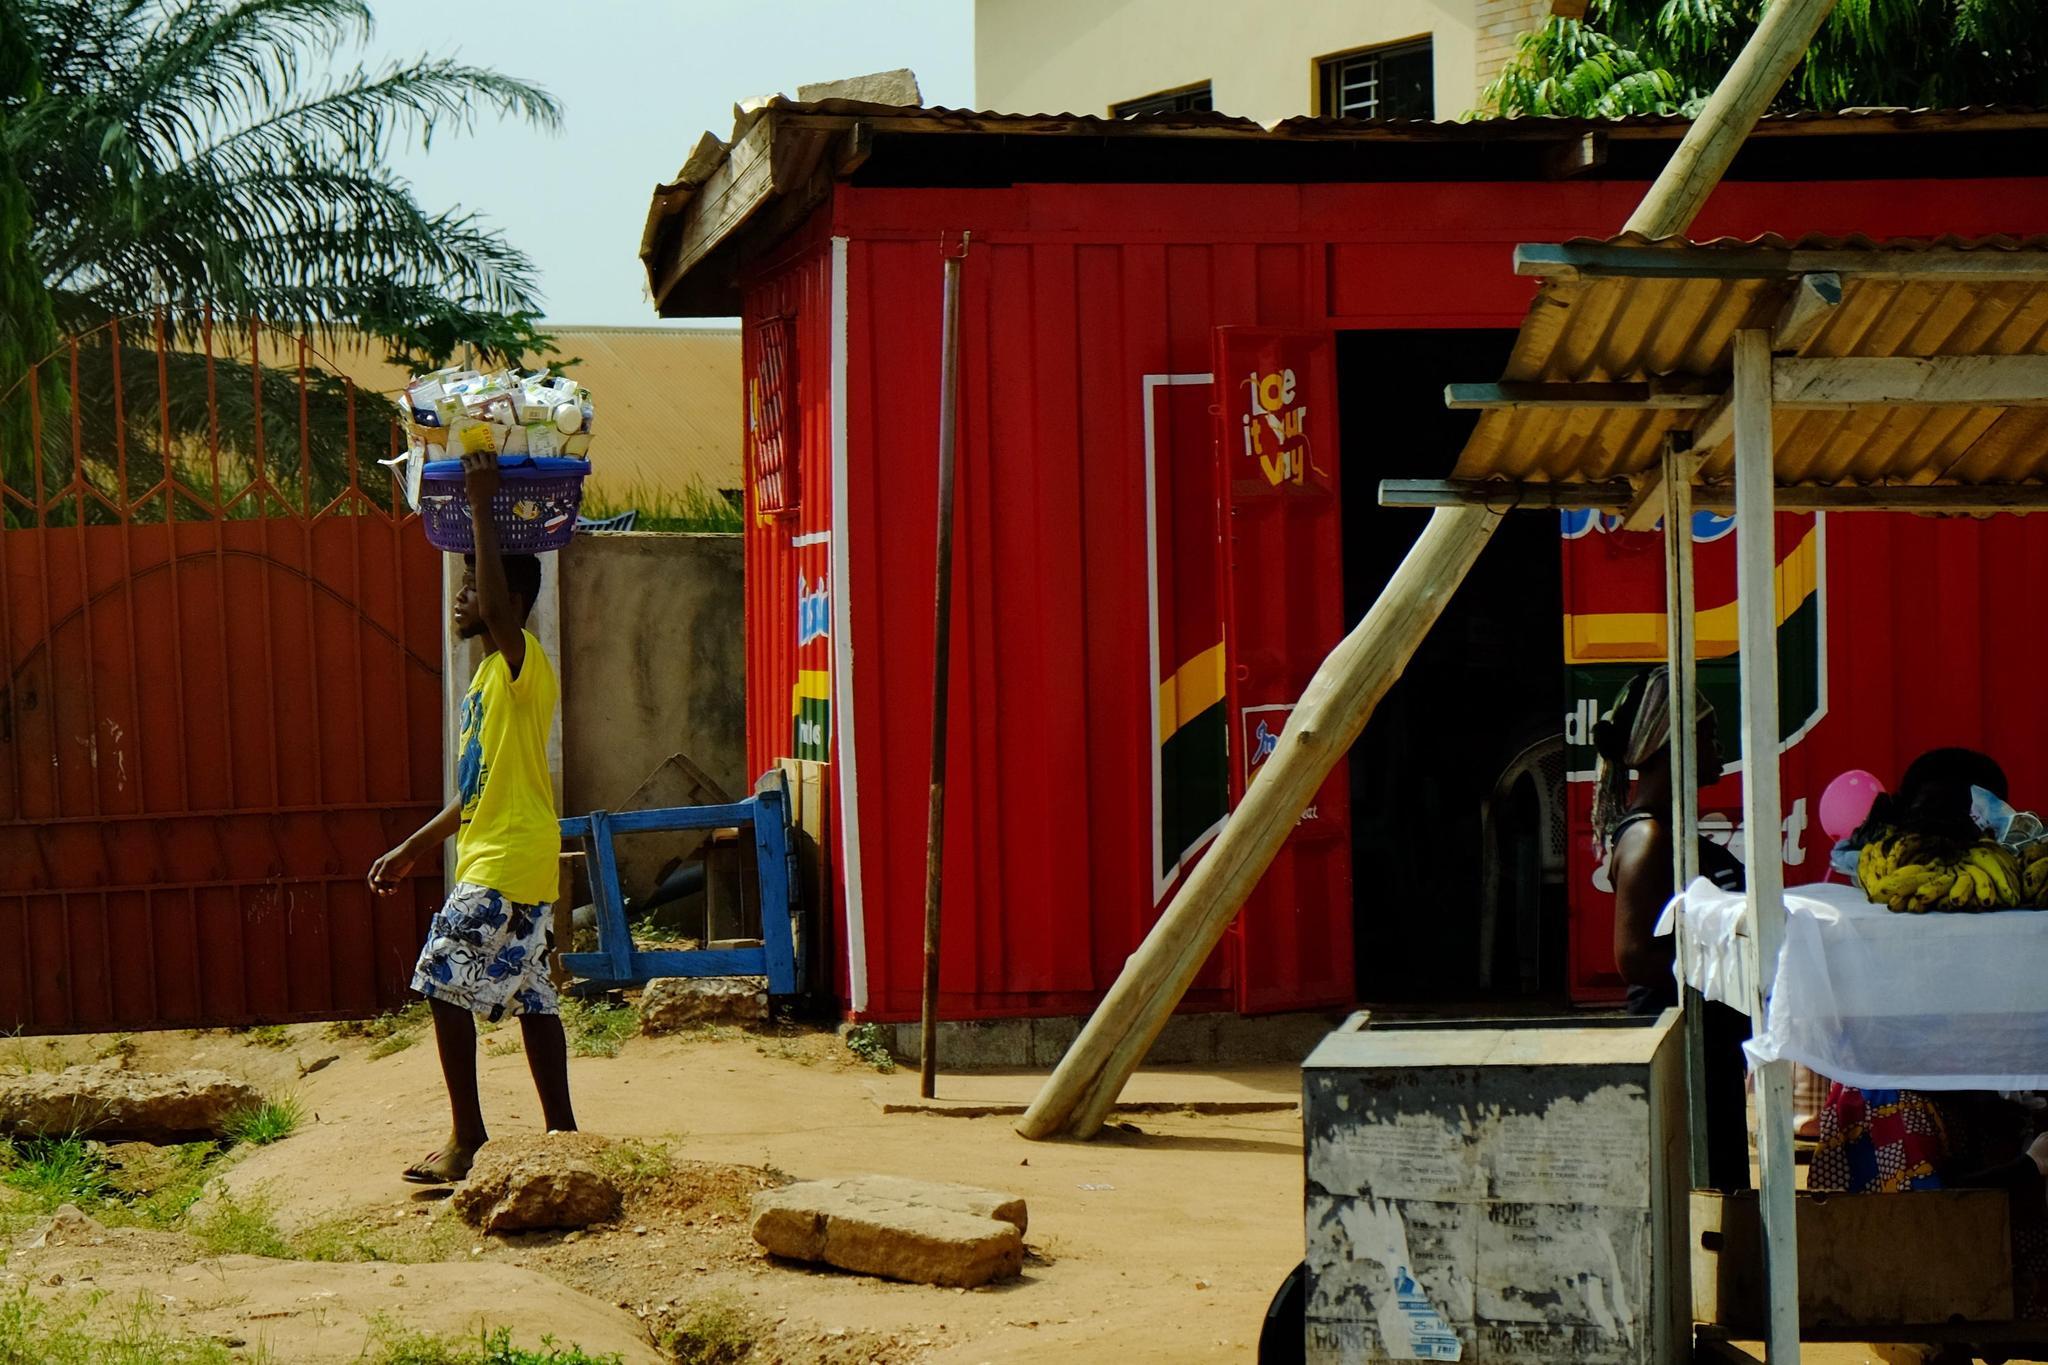 11月28日,加纳首都阿克拉街头,一个顶着东西走过的路人。